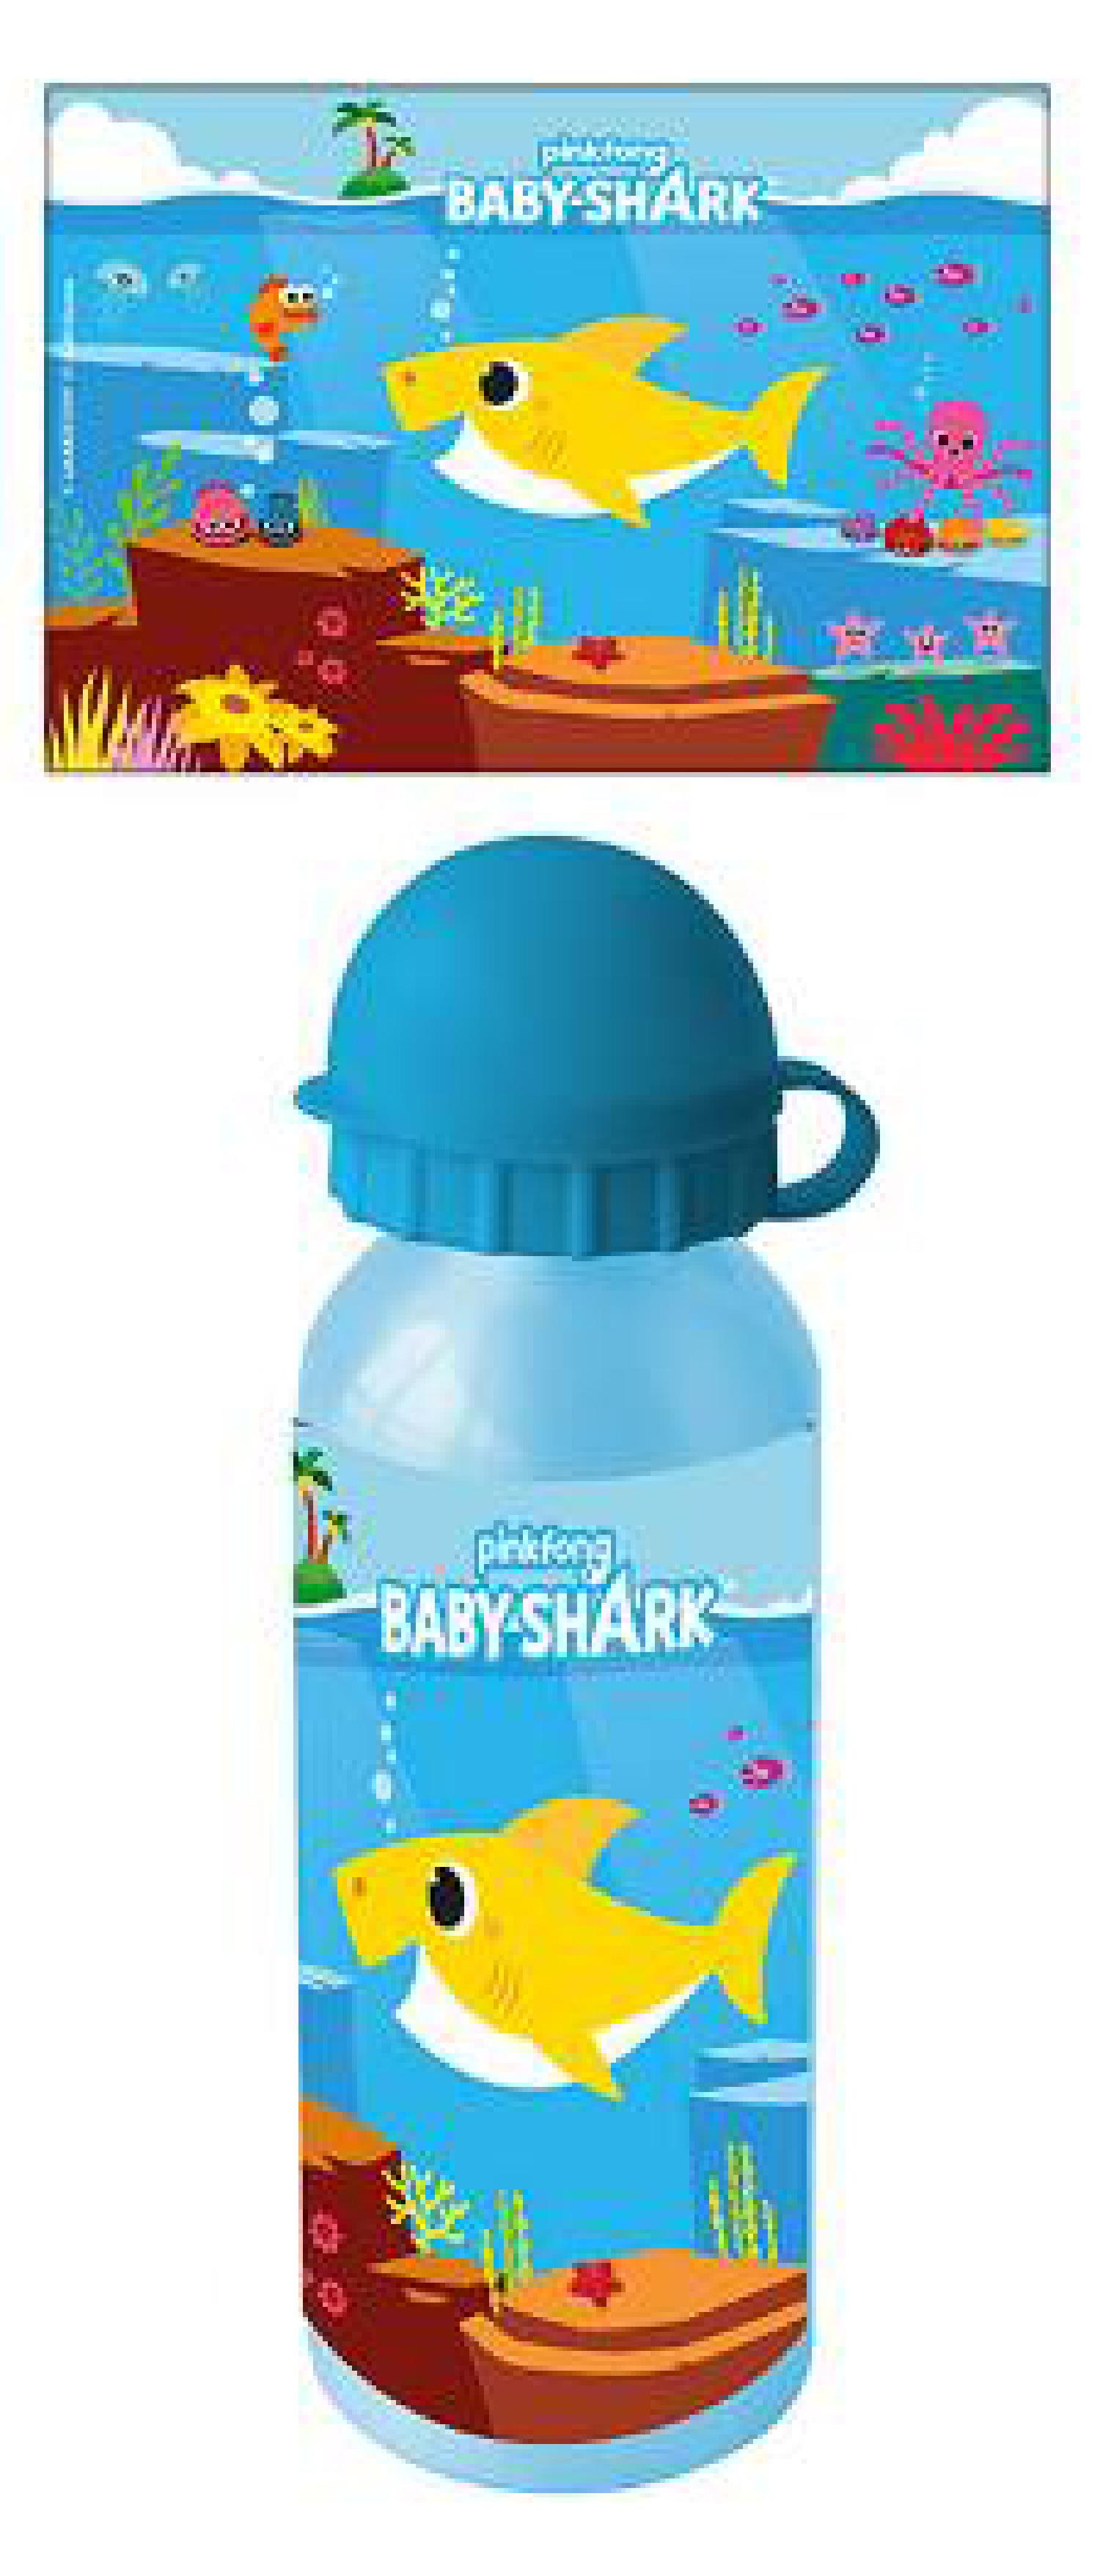 Borraccia in Alluminio 500ml Bing 44 Gatti Gormiti Baby Shark Lol Surprise (Baby Shark1)